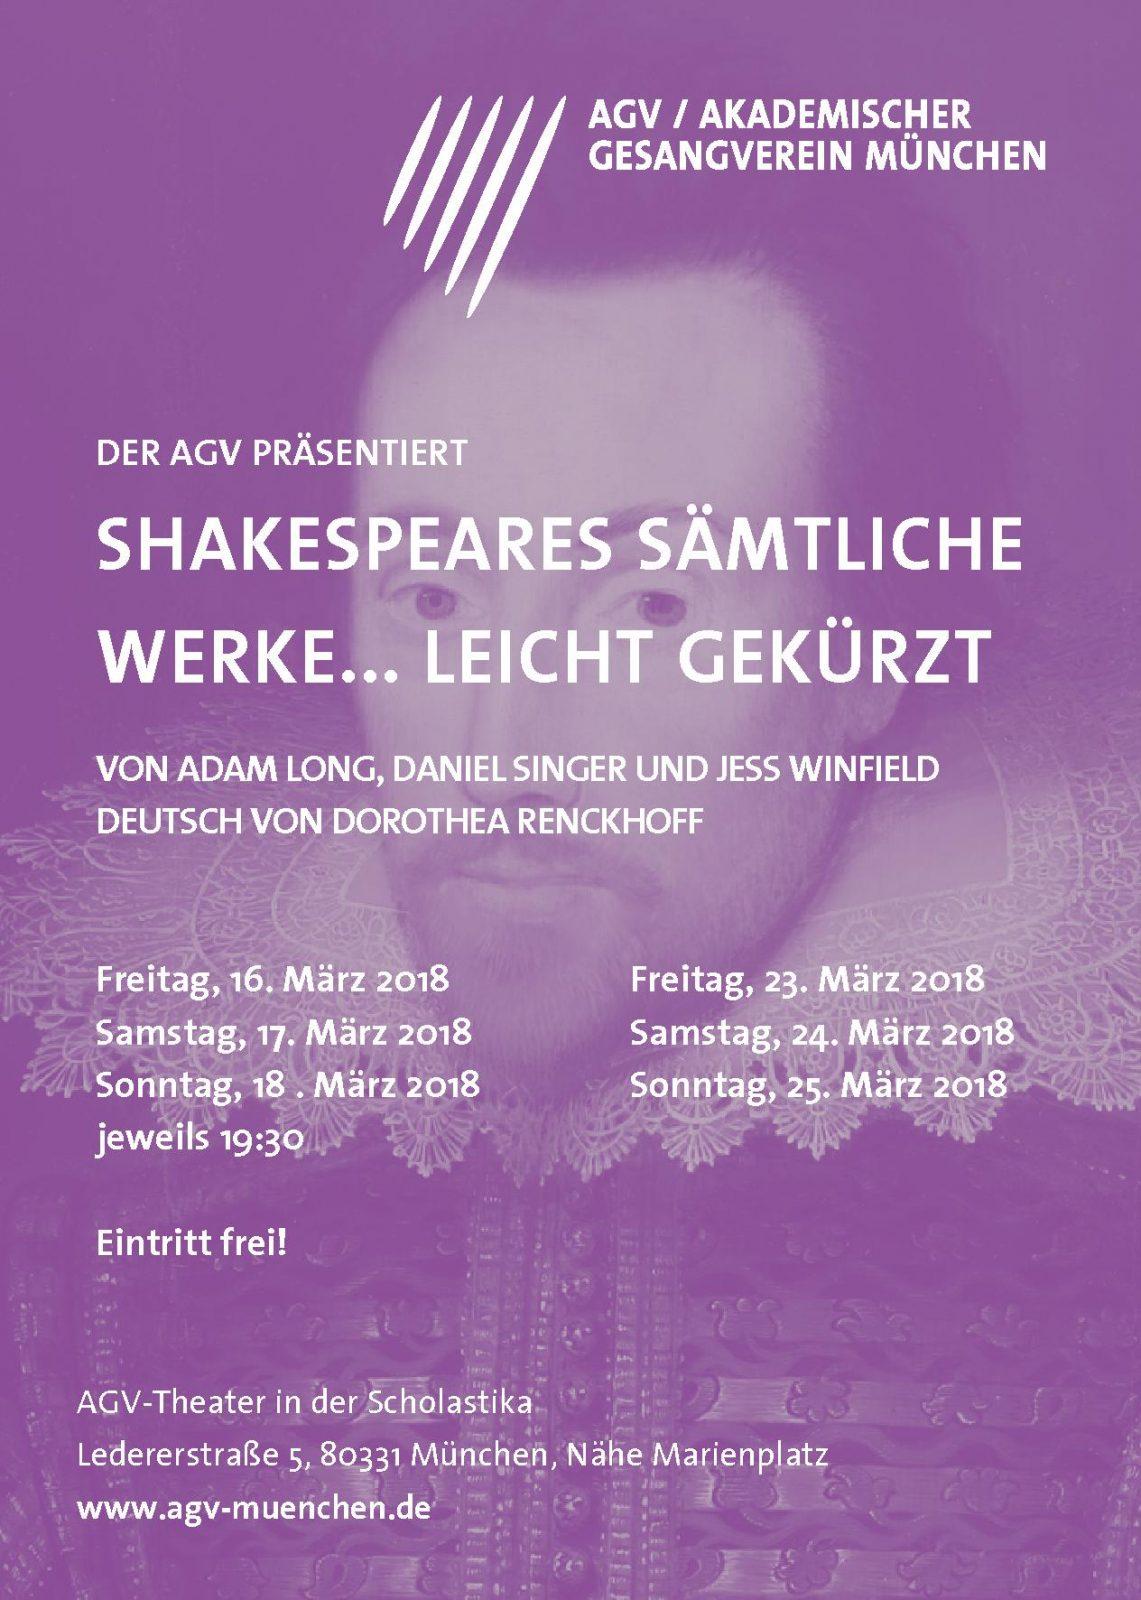 Großes AGV Theater: Shakespeares sämtlich Werke (leicht gekürzt)